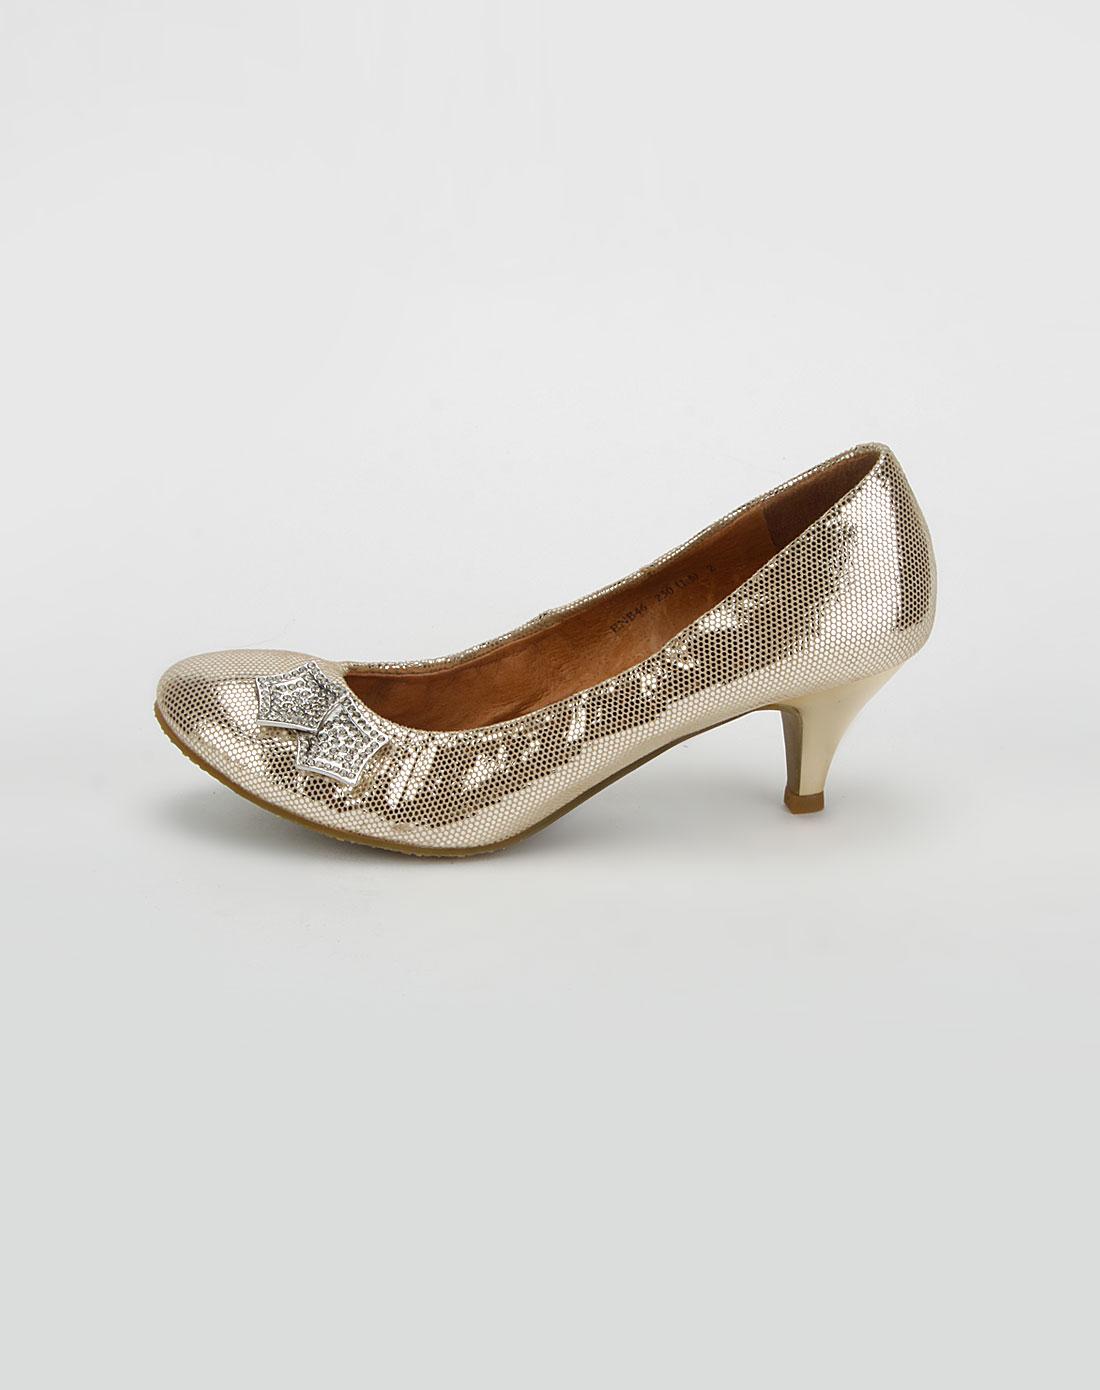 思加图 浅金色贴膜镶钻星高跟鞋